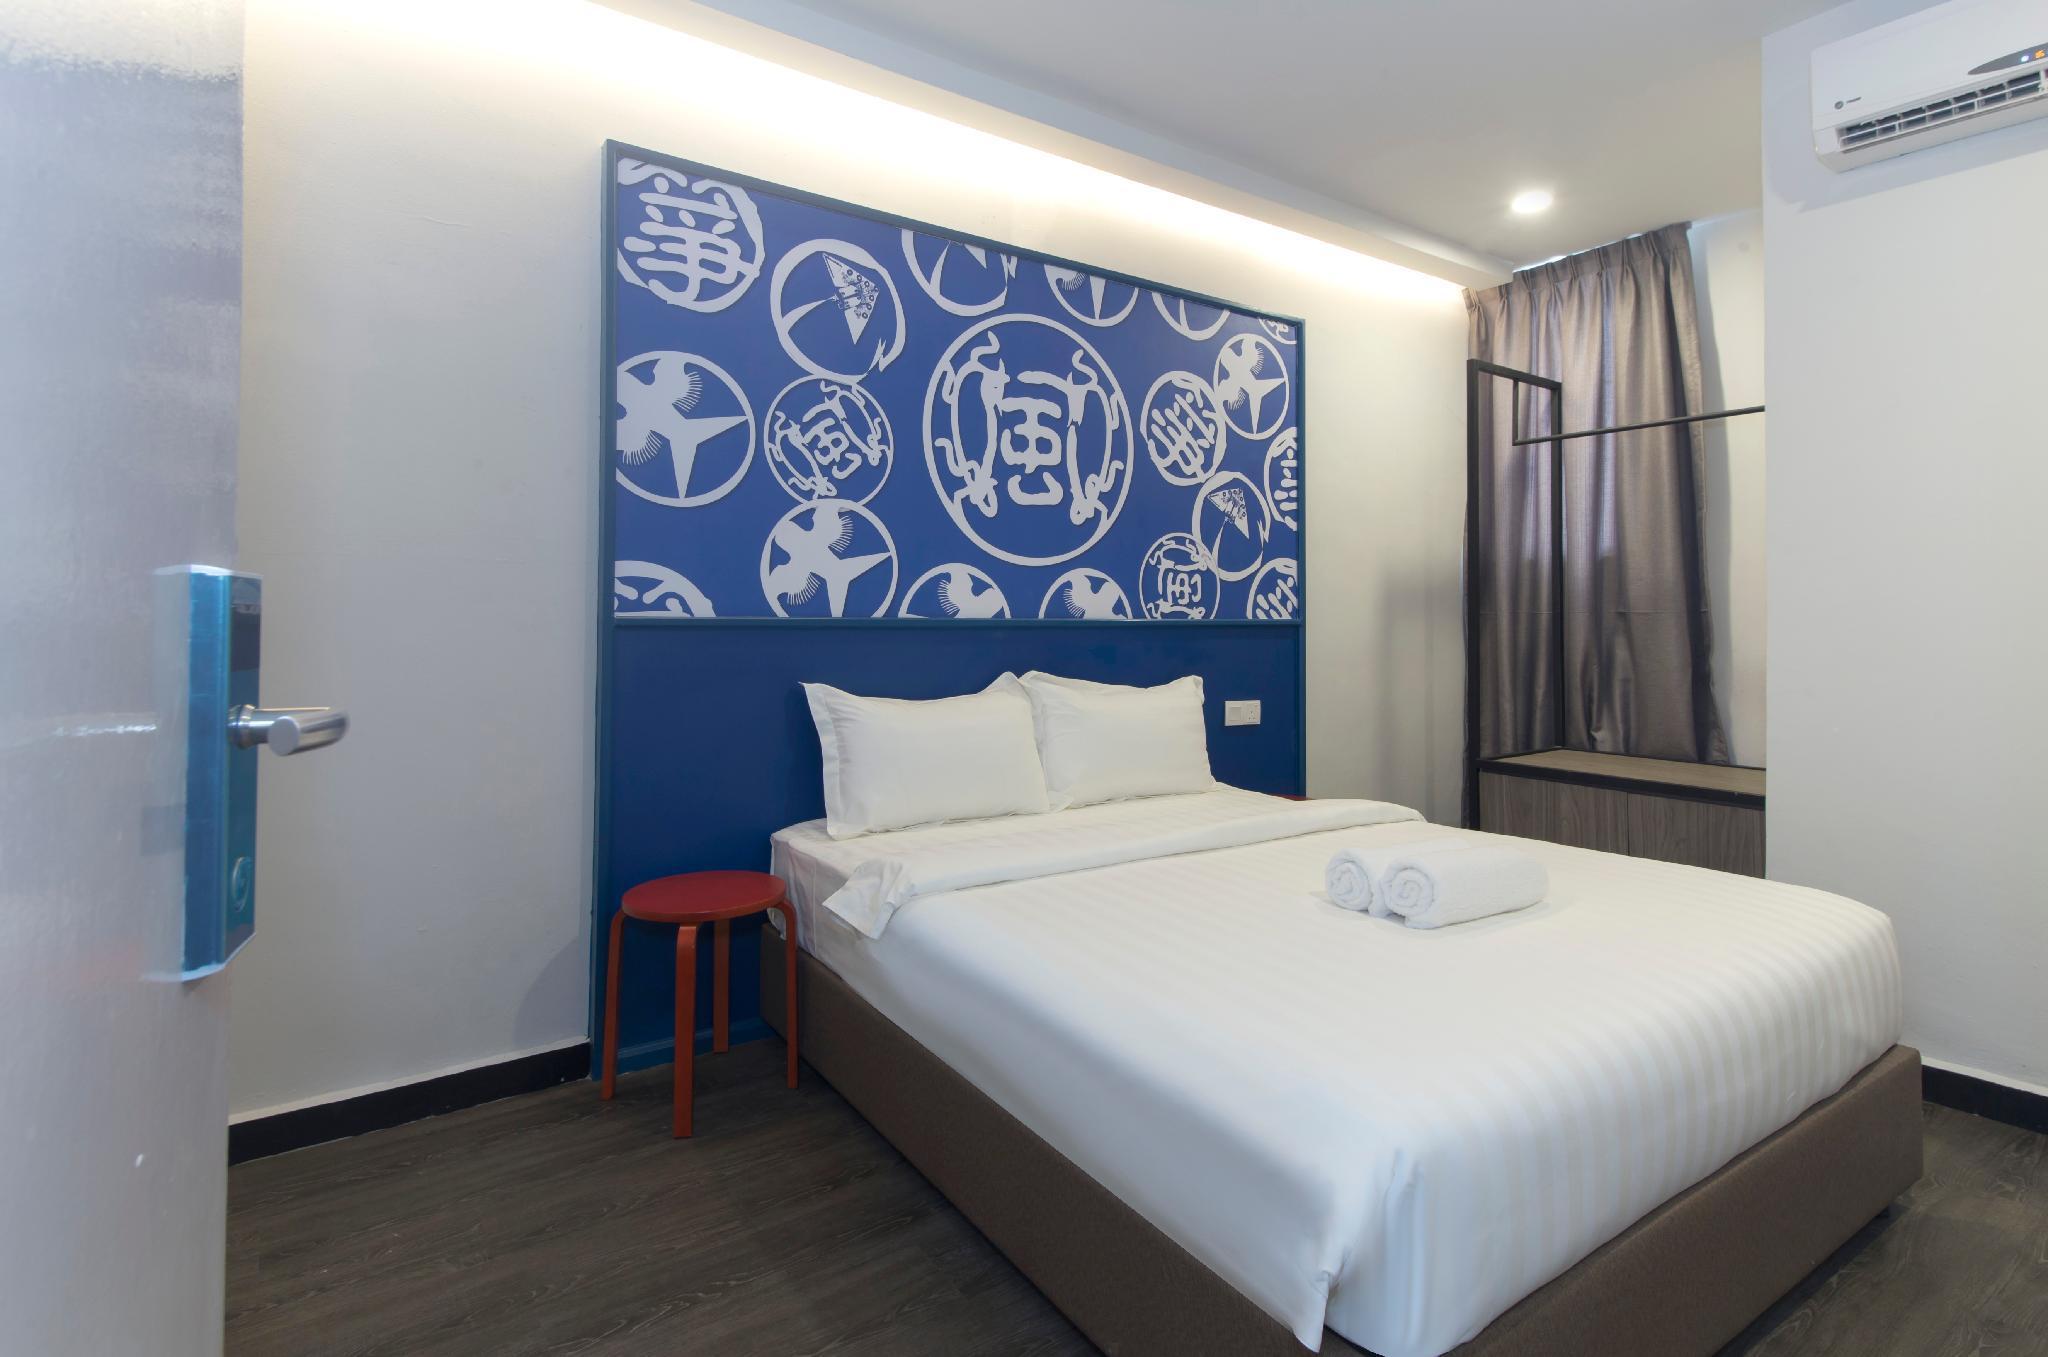 Kitez Hotel & Bunkz, Kuala Lumpur